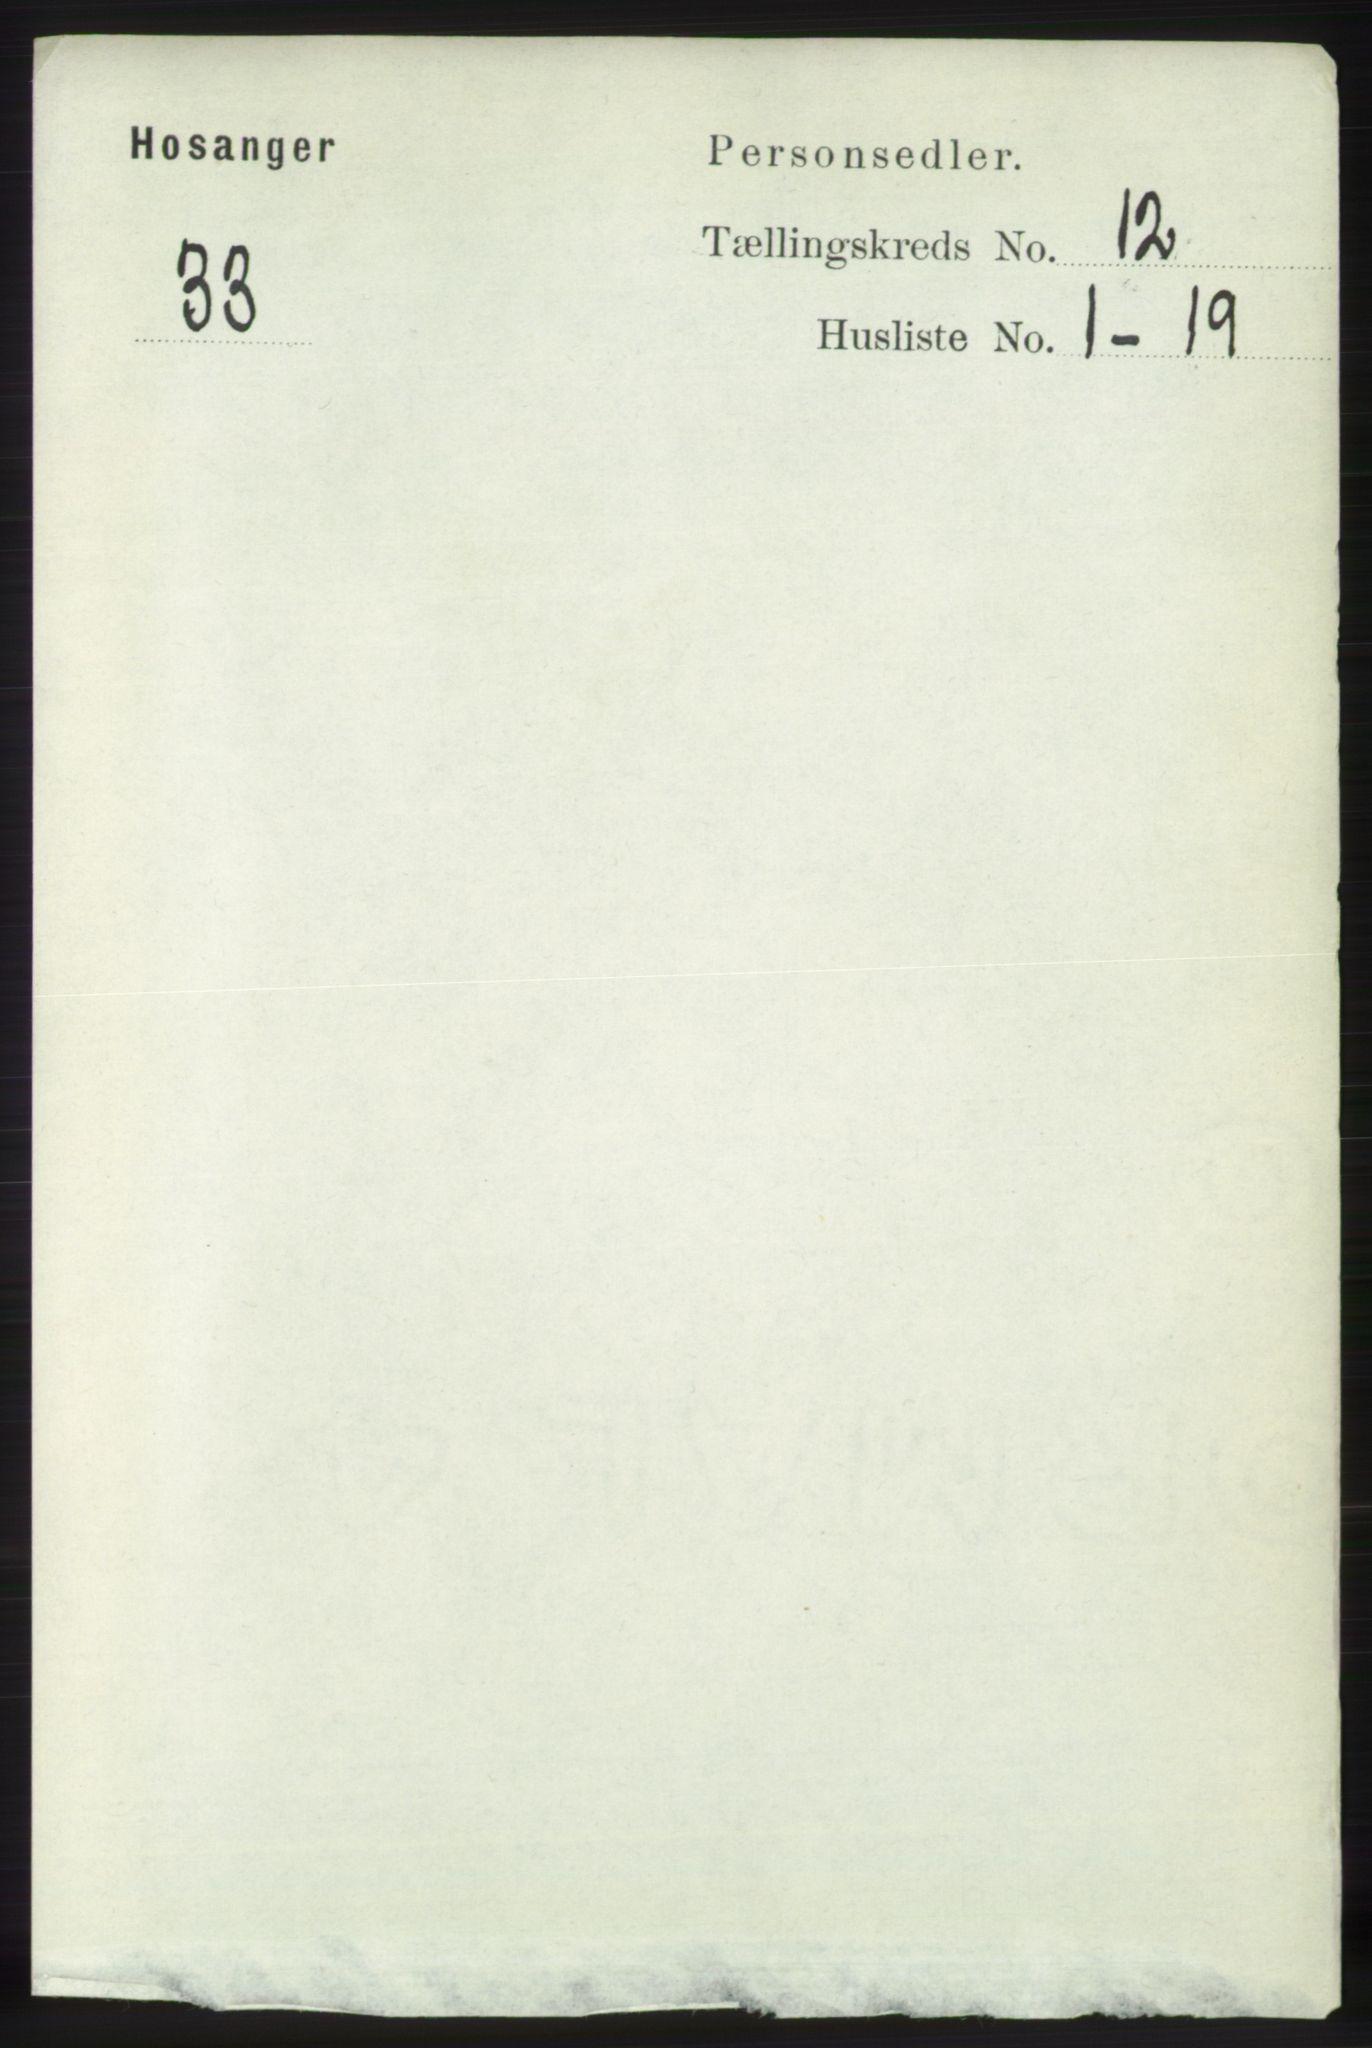 RA, Folketelling 1891 for 1253 Hosanger herred, 1891, s. 3997